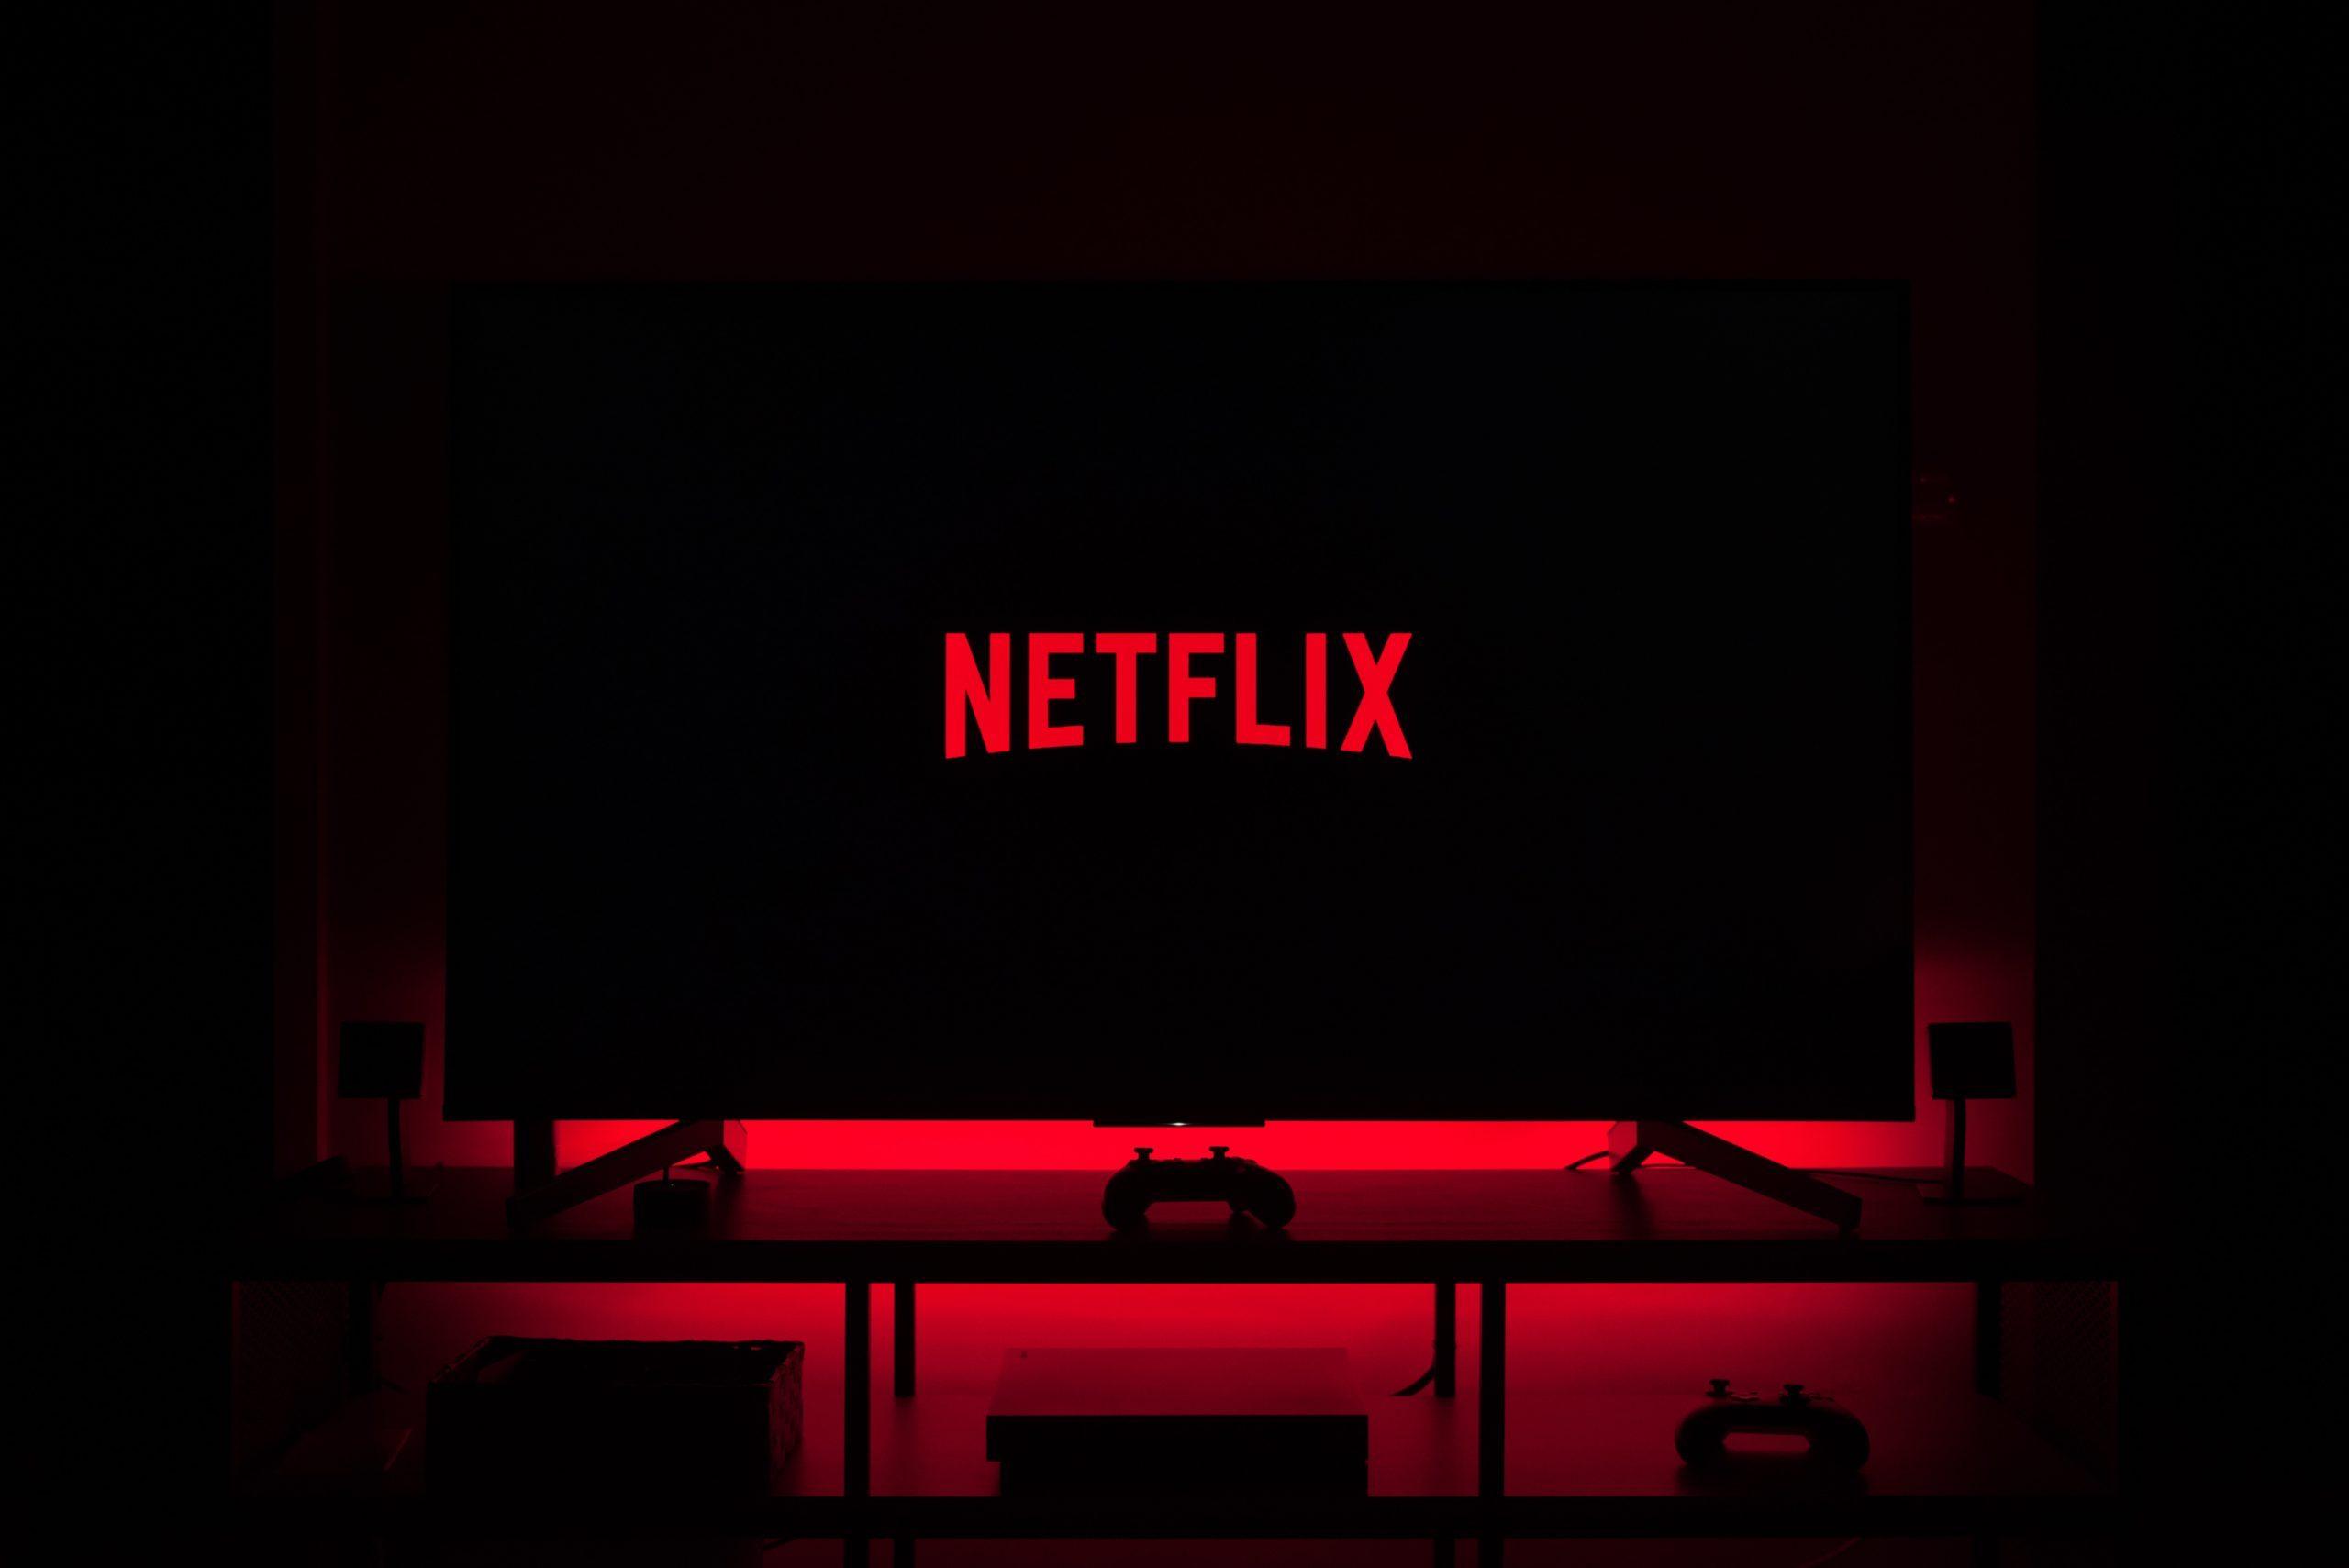 Netflix realiza pruebas para limitar el uso de contraseñas compartidas | ECONOMIA | GESTIÓN